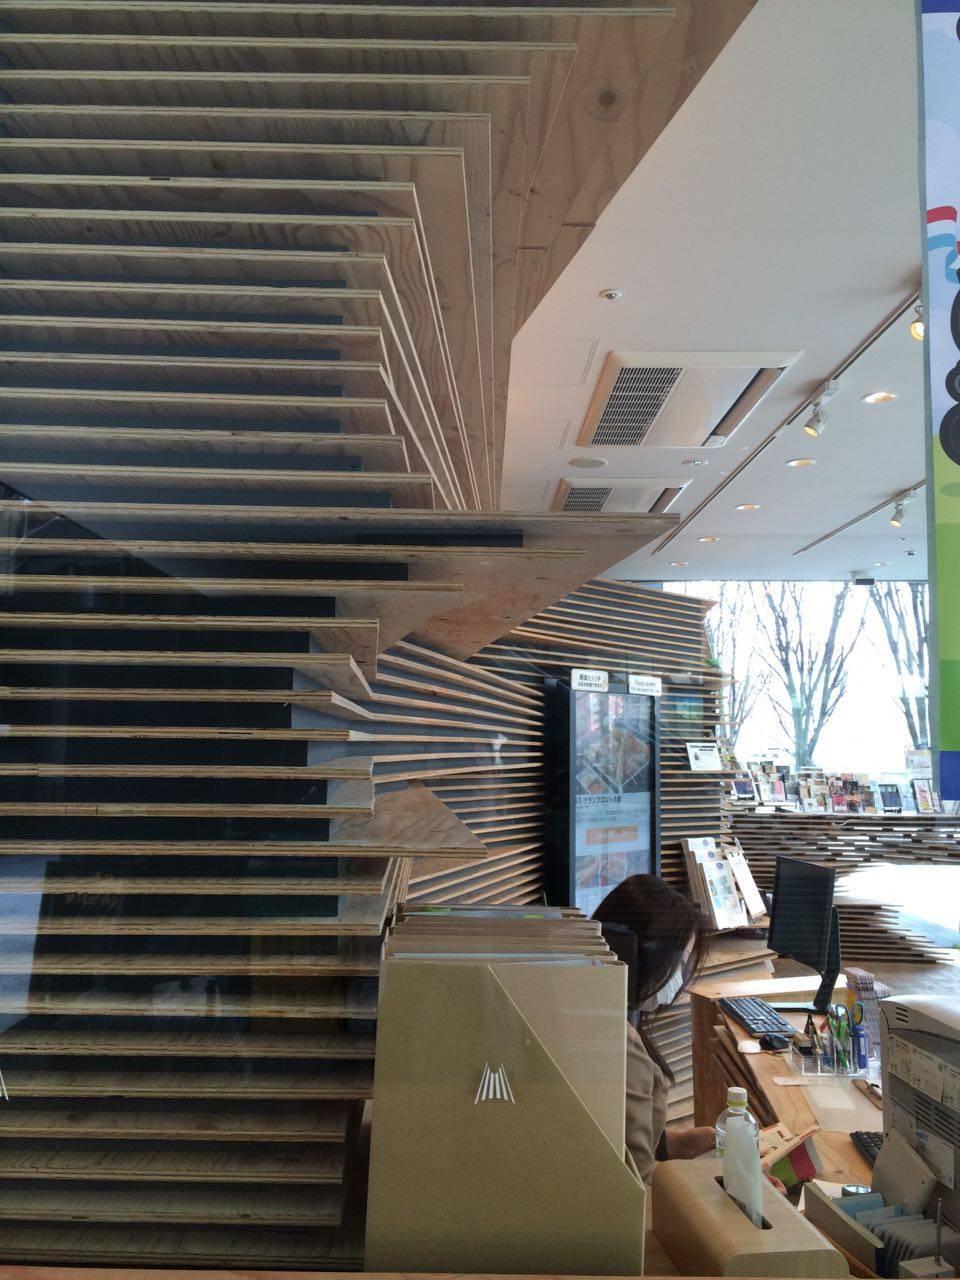 #伙伴一起看日本#  日本设计考察分享(更新美秀美术馆)_IMG_4665.JPG